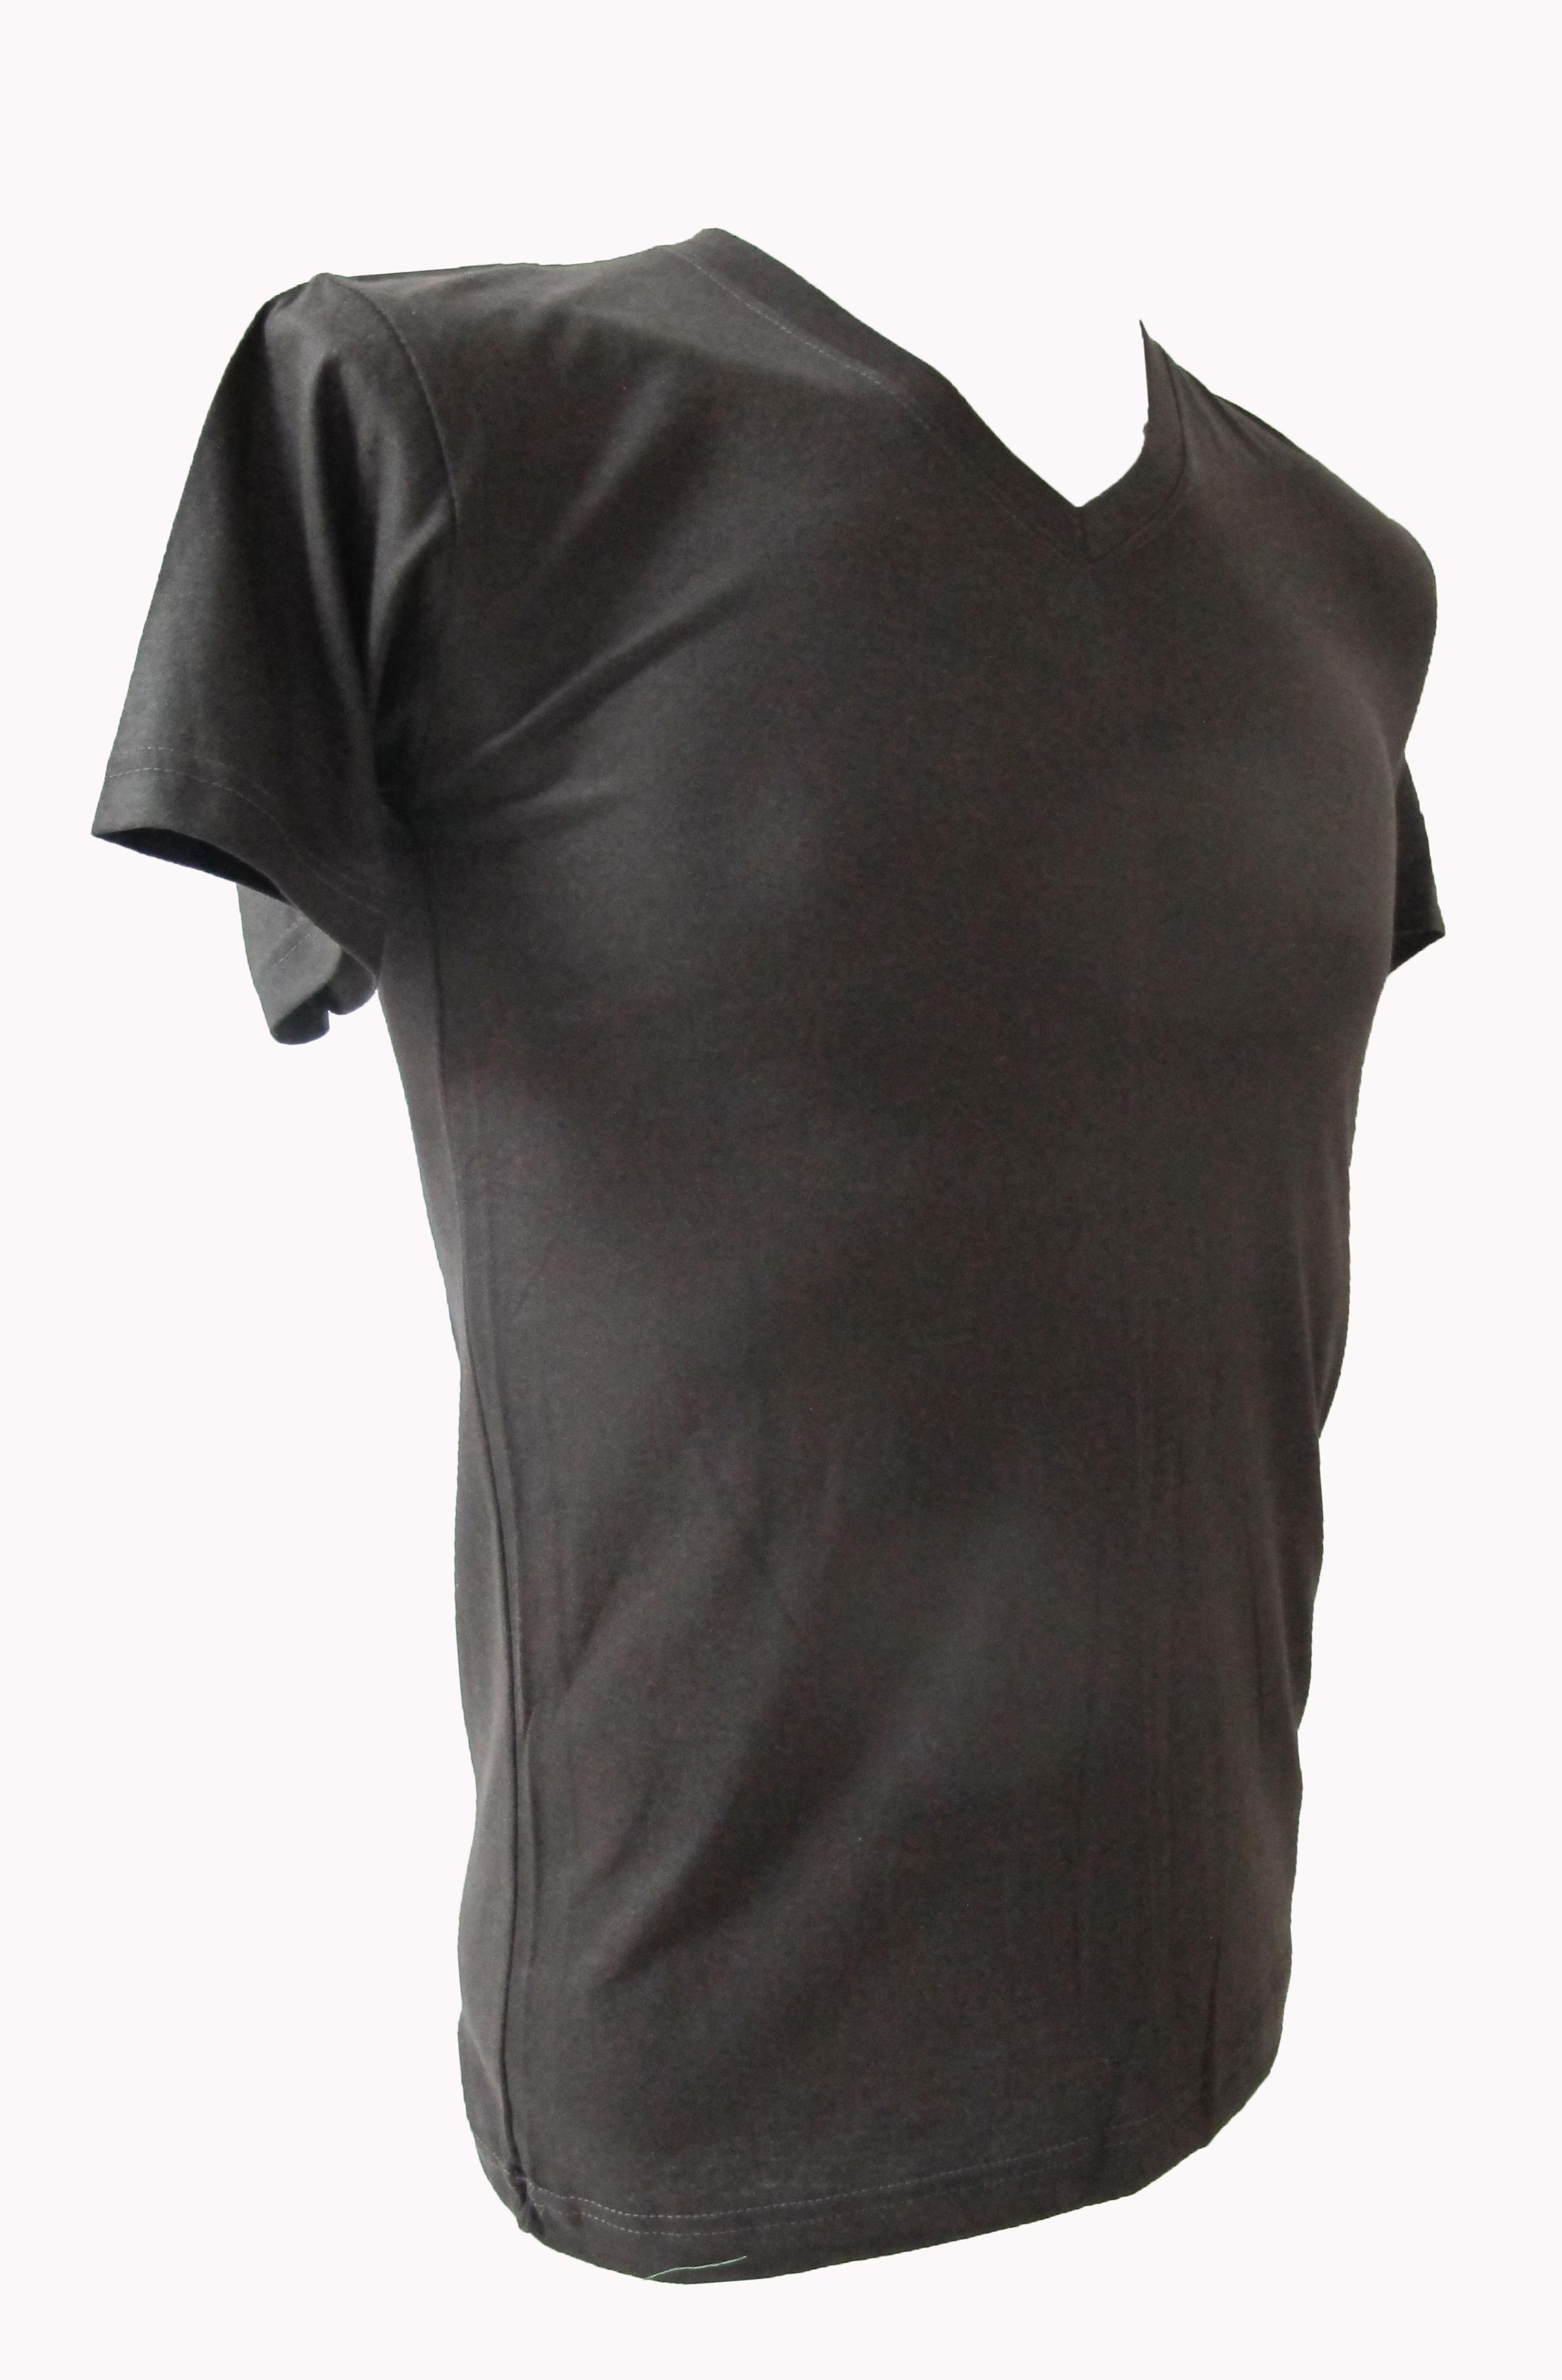 COTTON100% เบอร์32 เสื้อยืดแขนสั้น คอวี สีเทาดำ